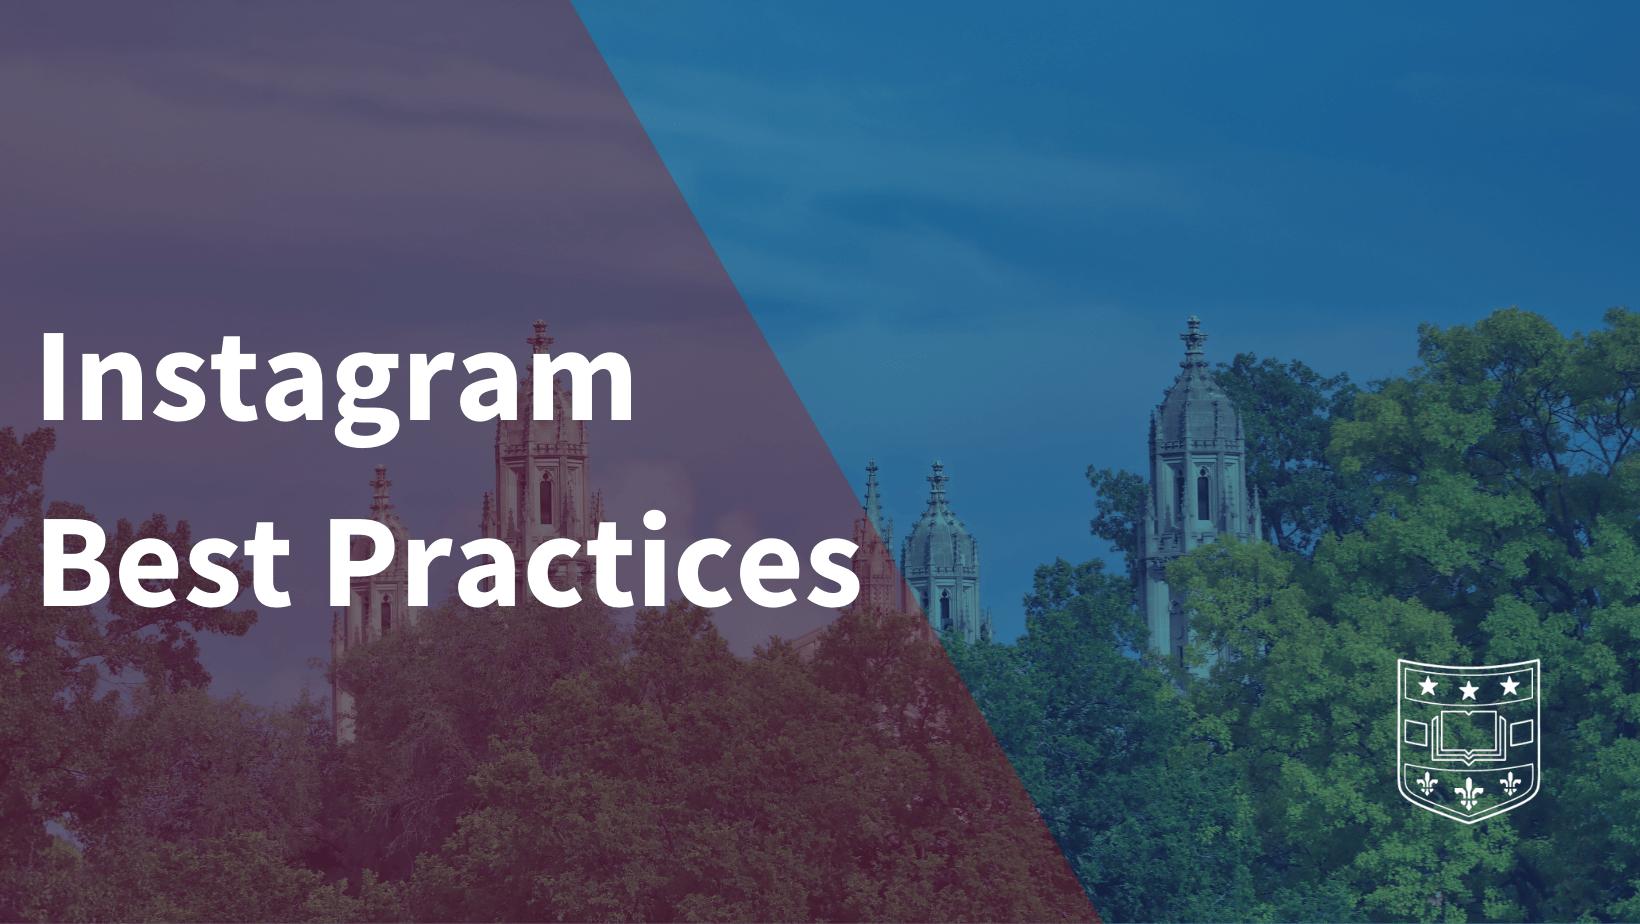 Instagram Best Practices